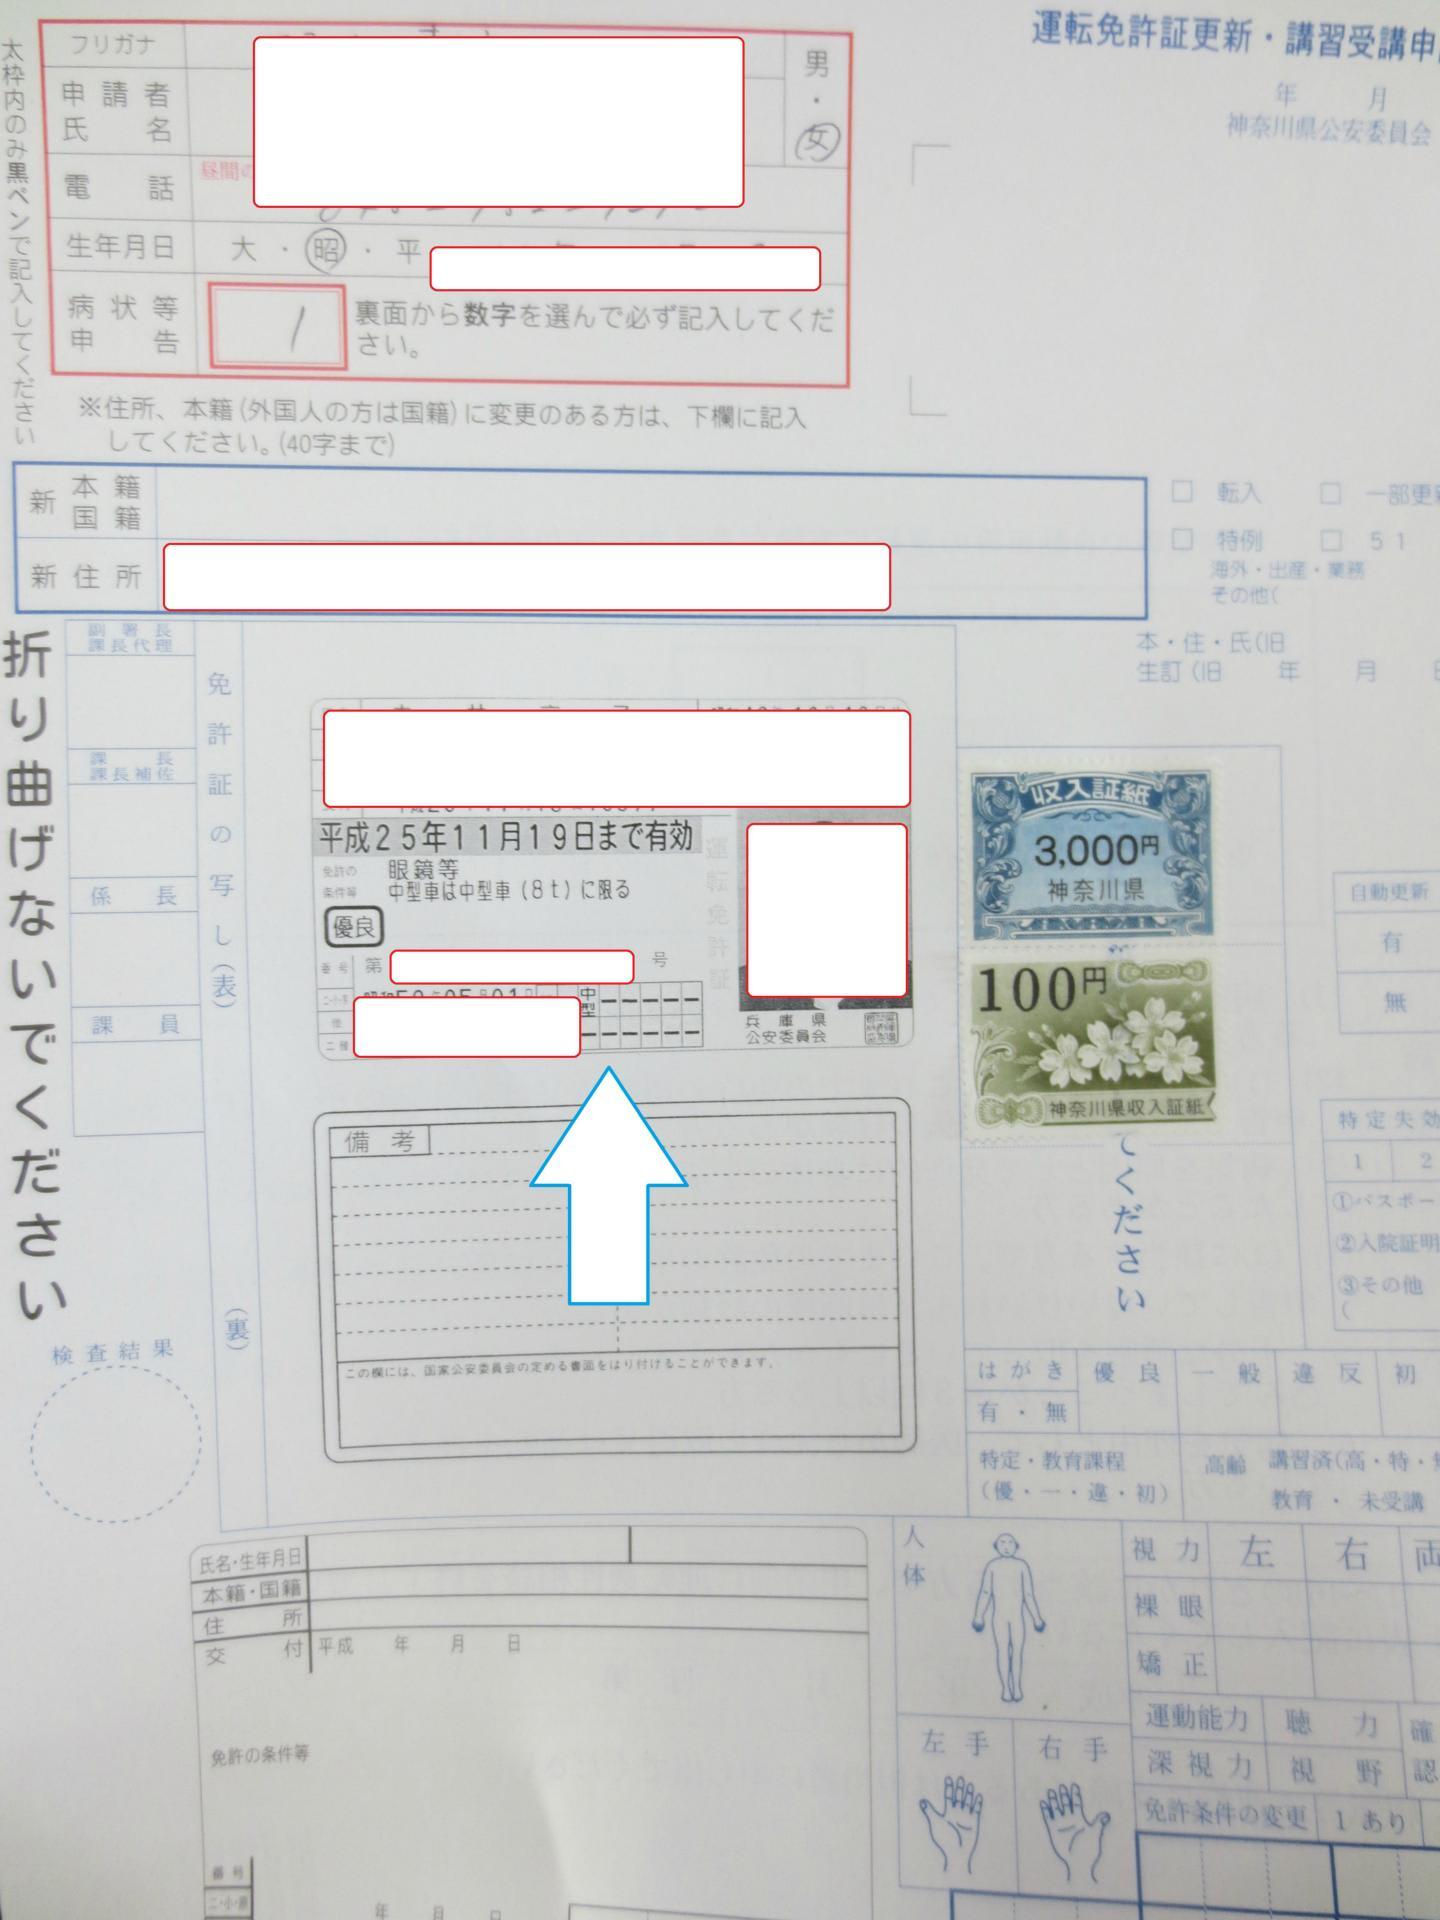 自動車 更新 県 神奈川 免許 神奈川県警察運転免許センター(二俣川免許センター)混雑を避けて最速で免許更新する方法まとめ